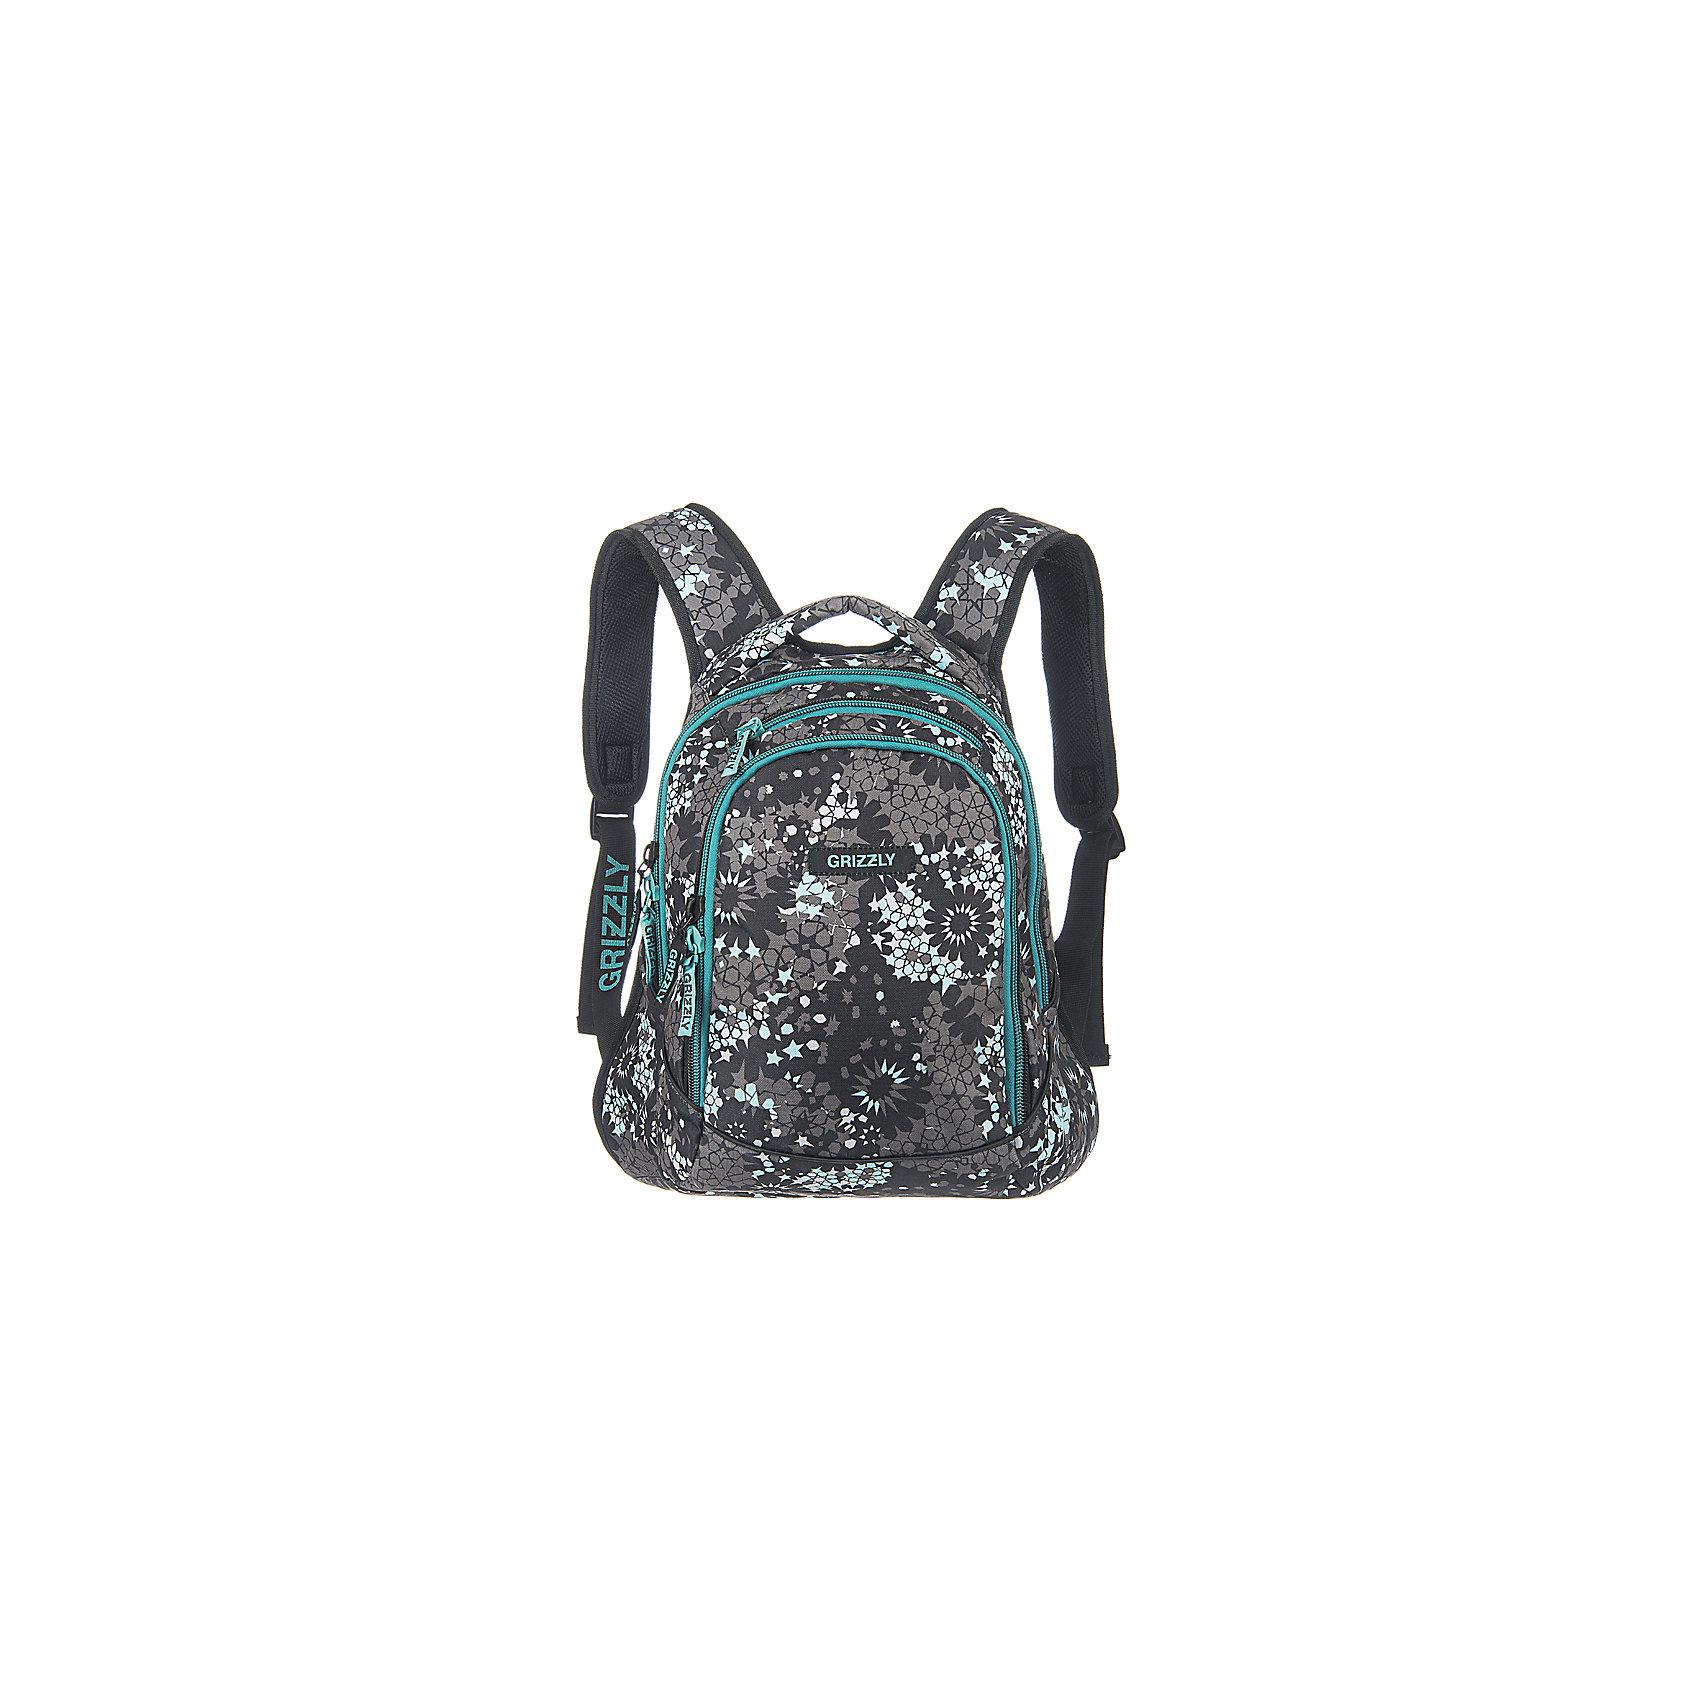 Рюкзак школьный Grizzly Звезды, серо-бирюзовыйРюкзаки<br>Рюкзак, Звезды, Grizzly (Гризли) ? рюкзак отечественного бренда Гризли молодежной серии. Рюкзак  выполнен из принтованного полиэстера в сочетании с нейлоном высокого качества, что обеспечивает, с одной стороны, легкий вес, а с другой ? надежность и прочность. Все швы выполнены капроновыми нитками, что делает швы особенно крепкими и устойчивыми к износу даже в течение нескольких лет. <br>Внутреннее устройство рюкзака состоит из двух вместительных отсеков, внутреннего кармана-пенала для хранения ручек и карандашей. В верхней части рюкзака имеется карман быстрого доступа на молнии. Удобство и эргономичность рюкзака создается за счет жесткой анатомической спинки, укрепленных лямок и мягкой укрепленной ручки. Уникальность рюкзаков Grizzly заключается в том, что анатомическая спинка изготовлена из специальной ткани, которая пропускает воздух, тем самым защищает спину от повышенного потоотделения.<br>Рюкзаки молодежной серии Grizzly (Гризли) ? это не только удобство и функциональность, это еще и оригинальный современный дизайн. Рюкзак, Звезды, Grizzly (Гризли) выполнен в классическом сочетании черного, белого и серого цветов.  Оригинальность и яркость рюкзаку придают элементы яркого бирюзового цвета: брендовые надписи и застежки-молнии.<br>Рюкзак, Звезды Grizzly (Гризли) ? это качество материалов, удобство, стиль и долговечность использования. <br><br>Дополнительная информация:<br><br>- Вес: 700 г<br>- Габариты (Д*Г*В): 32*20*42 см<br>- Цвет: серый, черный, белый, бирюзовый<br>- Материал: полиэстер, нейлон <br>- Сезон: круглый год<br>- Коллекция: молодежная <br>- Год коллекции: 2016 <br>- Пол: женский<br>- Предназначение: для школы, для занятий спортом<br>- Особенности ухода: можно чистить влажной щеткой или губкой, допускается ручная стирка<br><br>Подробнее:<br><br>• Для школьников в возрасте: от 8 лет и до 12 лет<br>• Страна производитель: Россия<br>• Торговый бренд: Grizzly<br><br>Рюкзак, Звезды Grizzly (Гризли) м